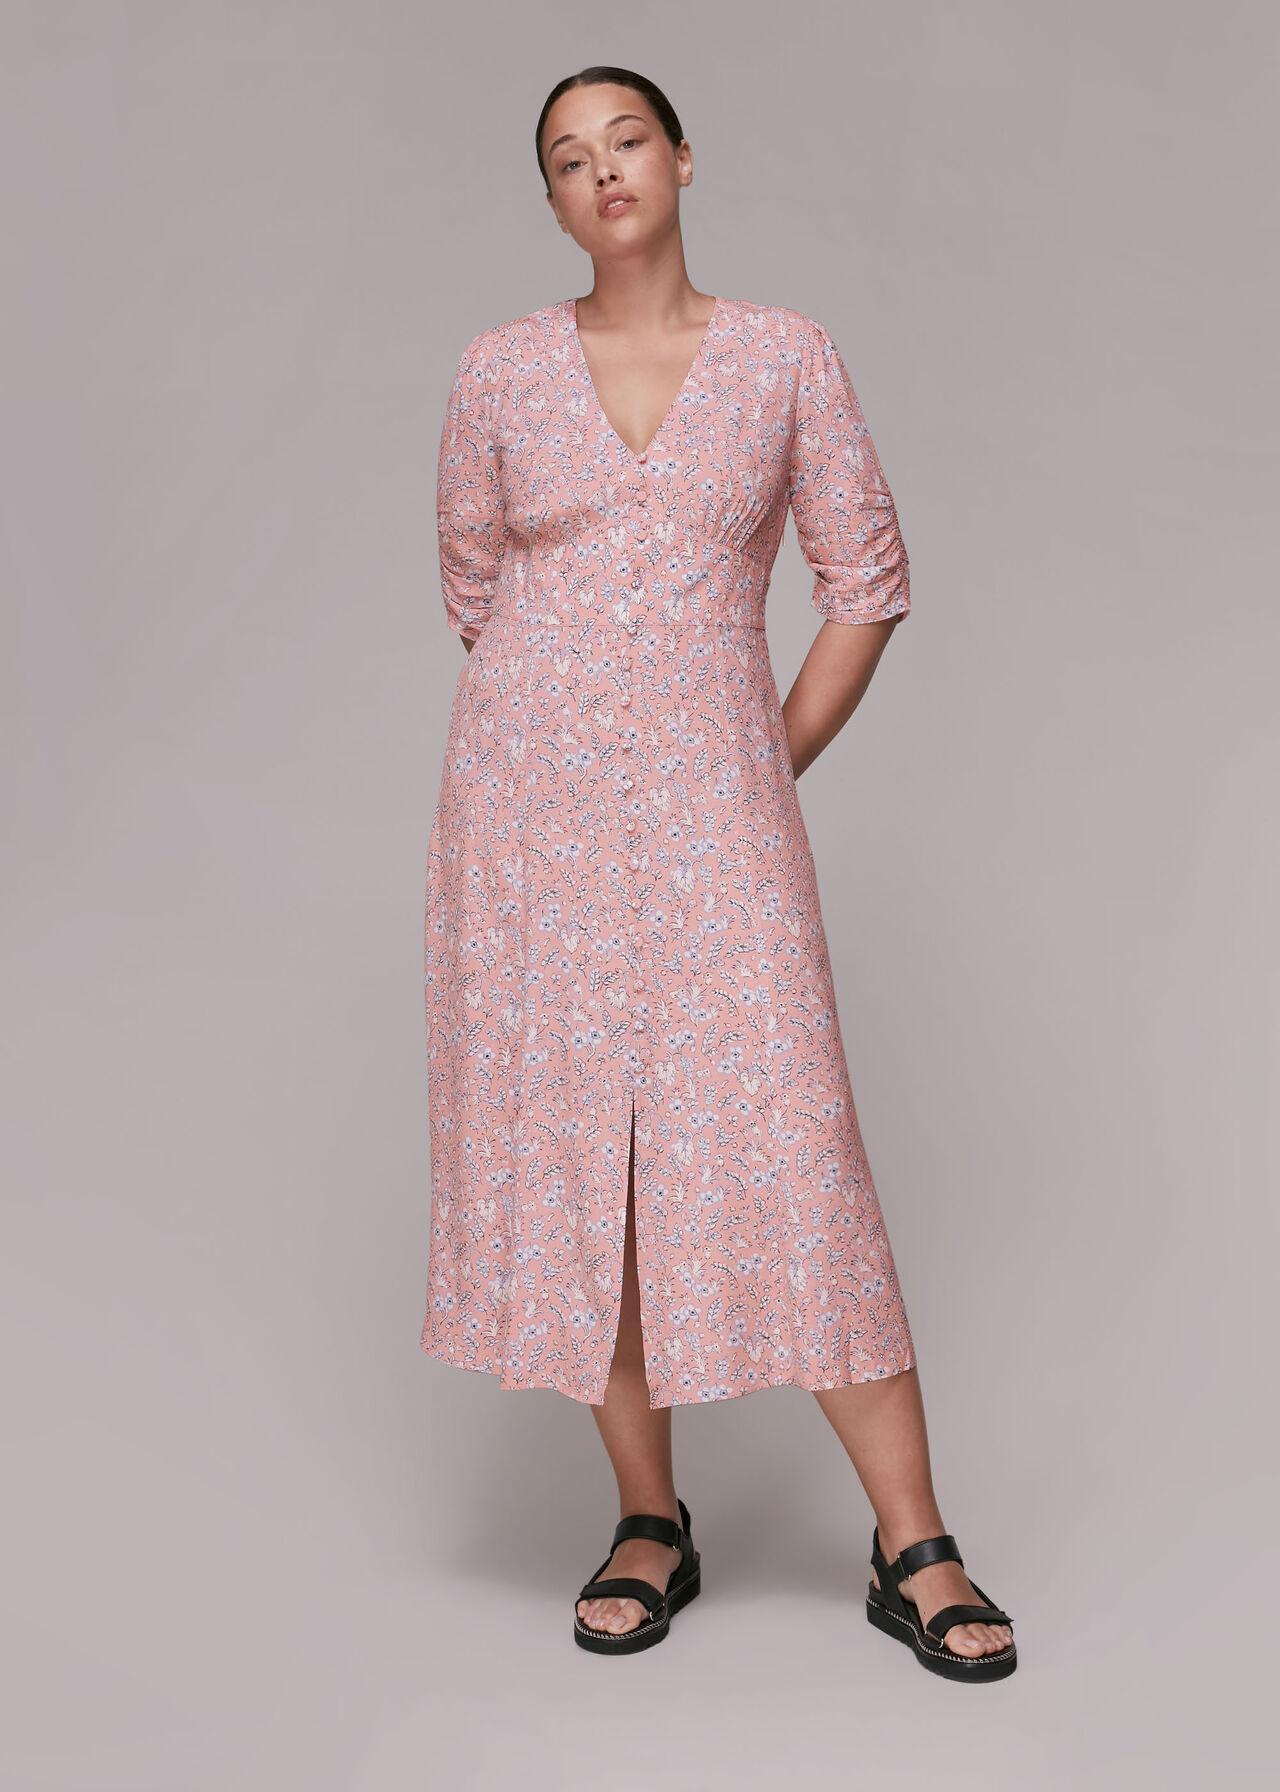 Wheat Floral Midi Dress